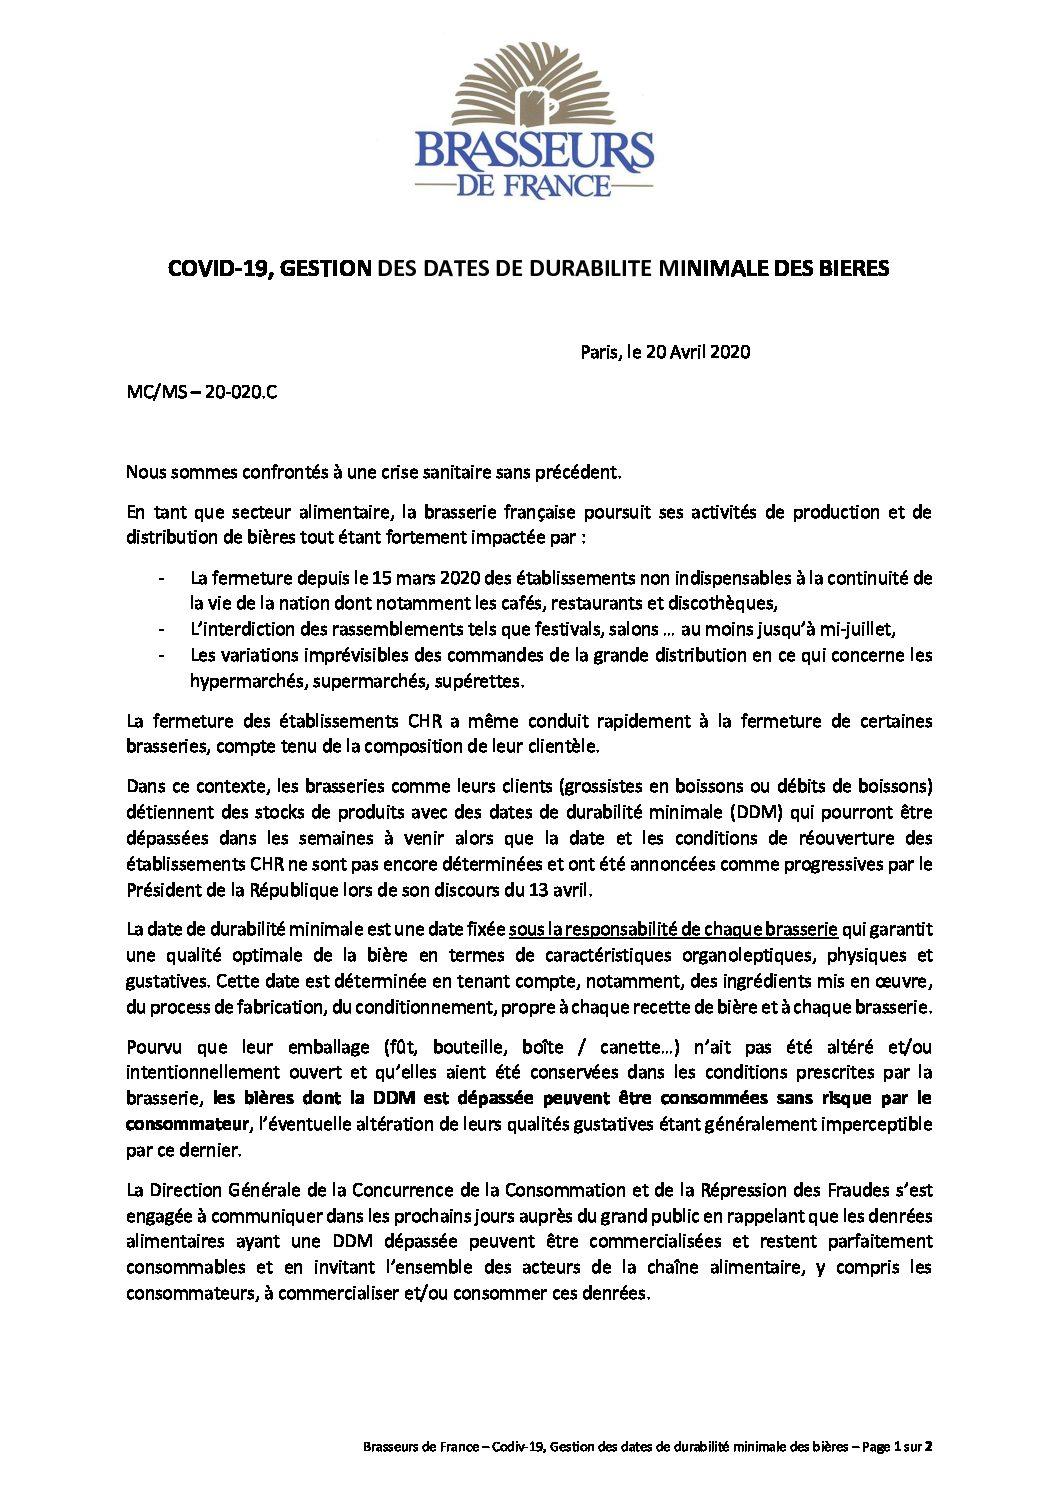 BdF 20-0420 Communication CHR DDM dépassée bières